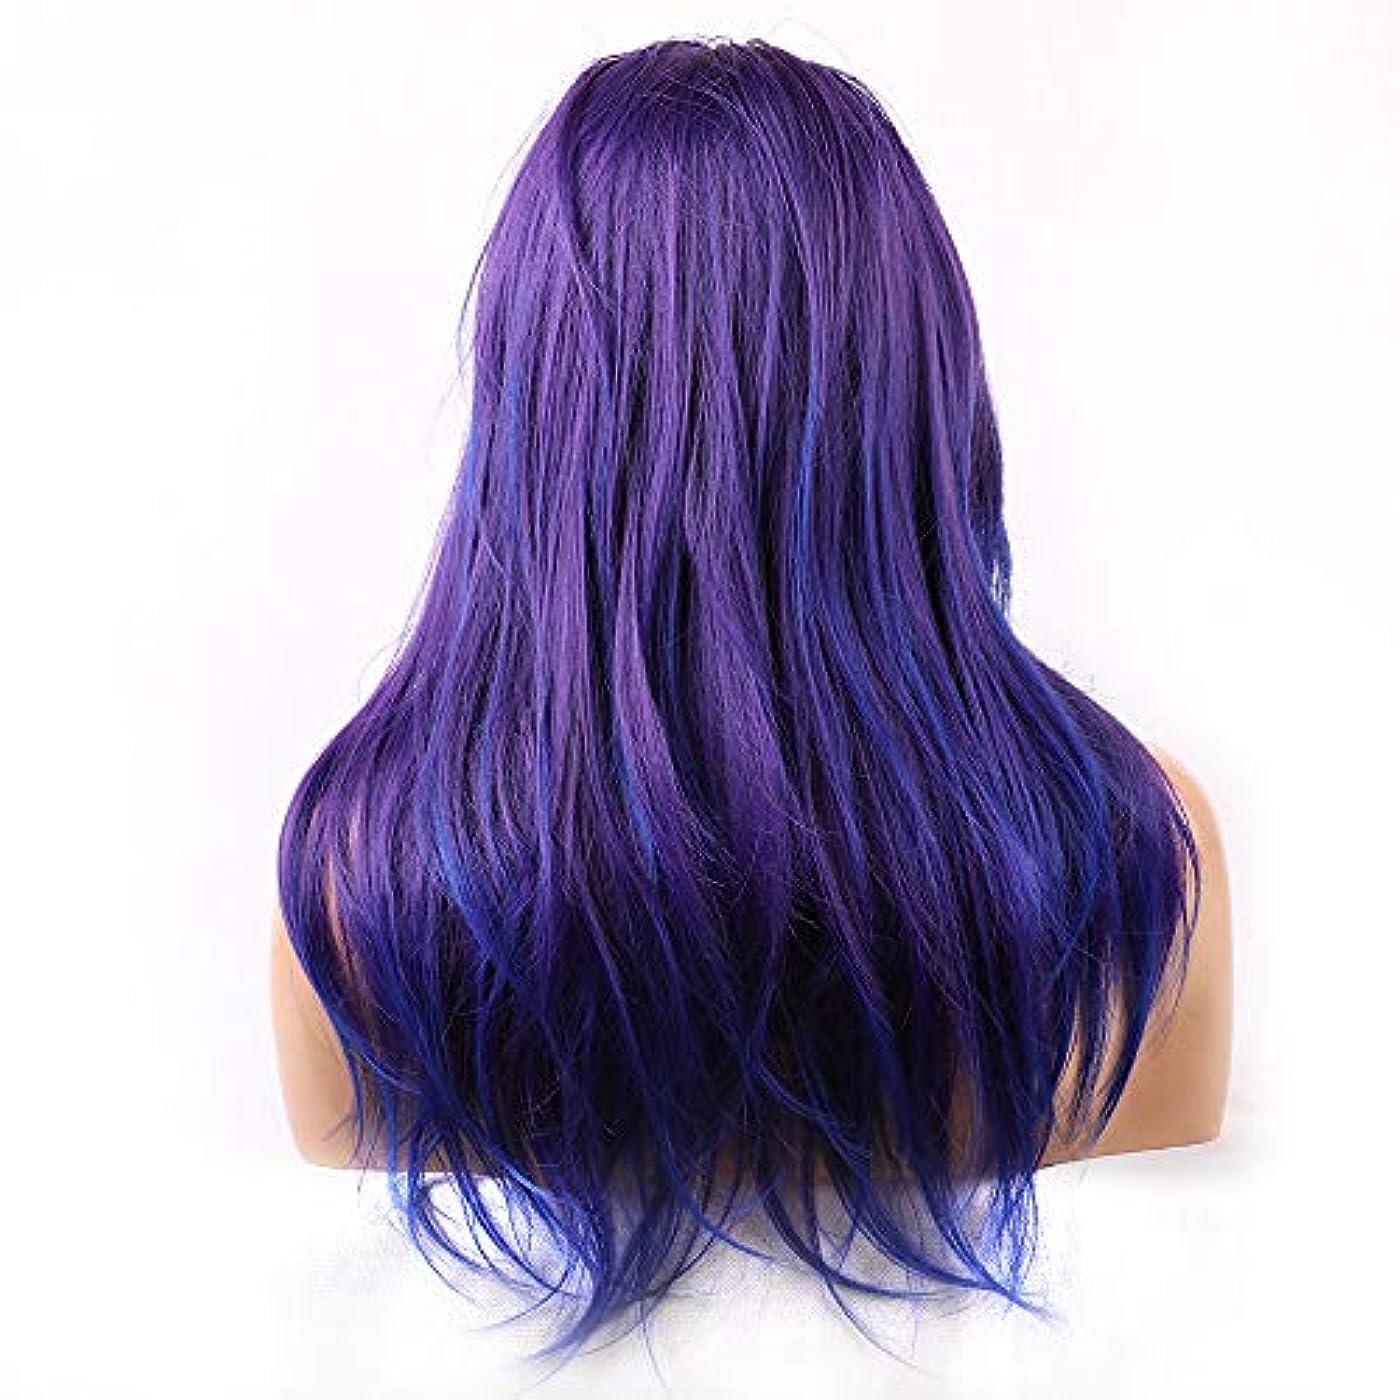 セッティング皮肉な仕方レースCOSの小道具の前に女性の青い長い巻き毛のかつらをかつら